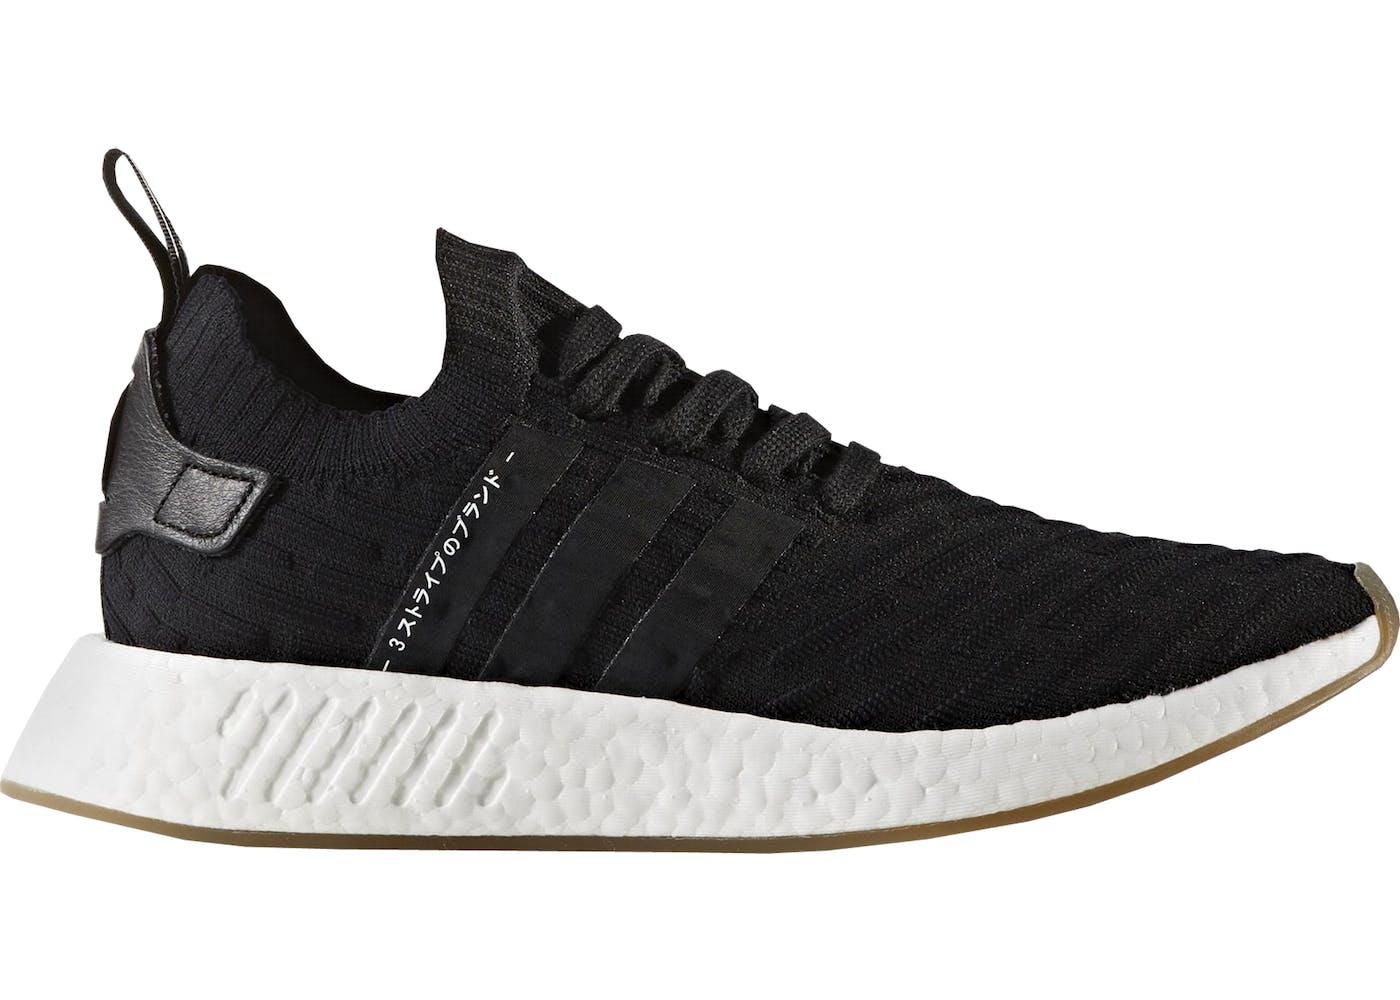 adidas Ultra Boost 4.0 Core Black (W) - BB6149